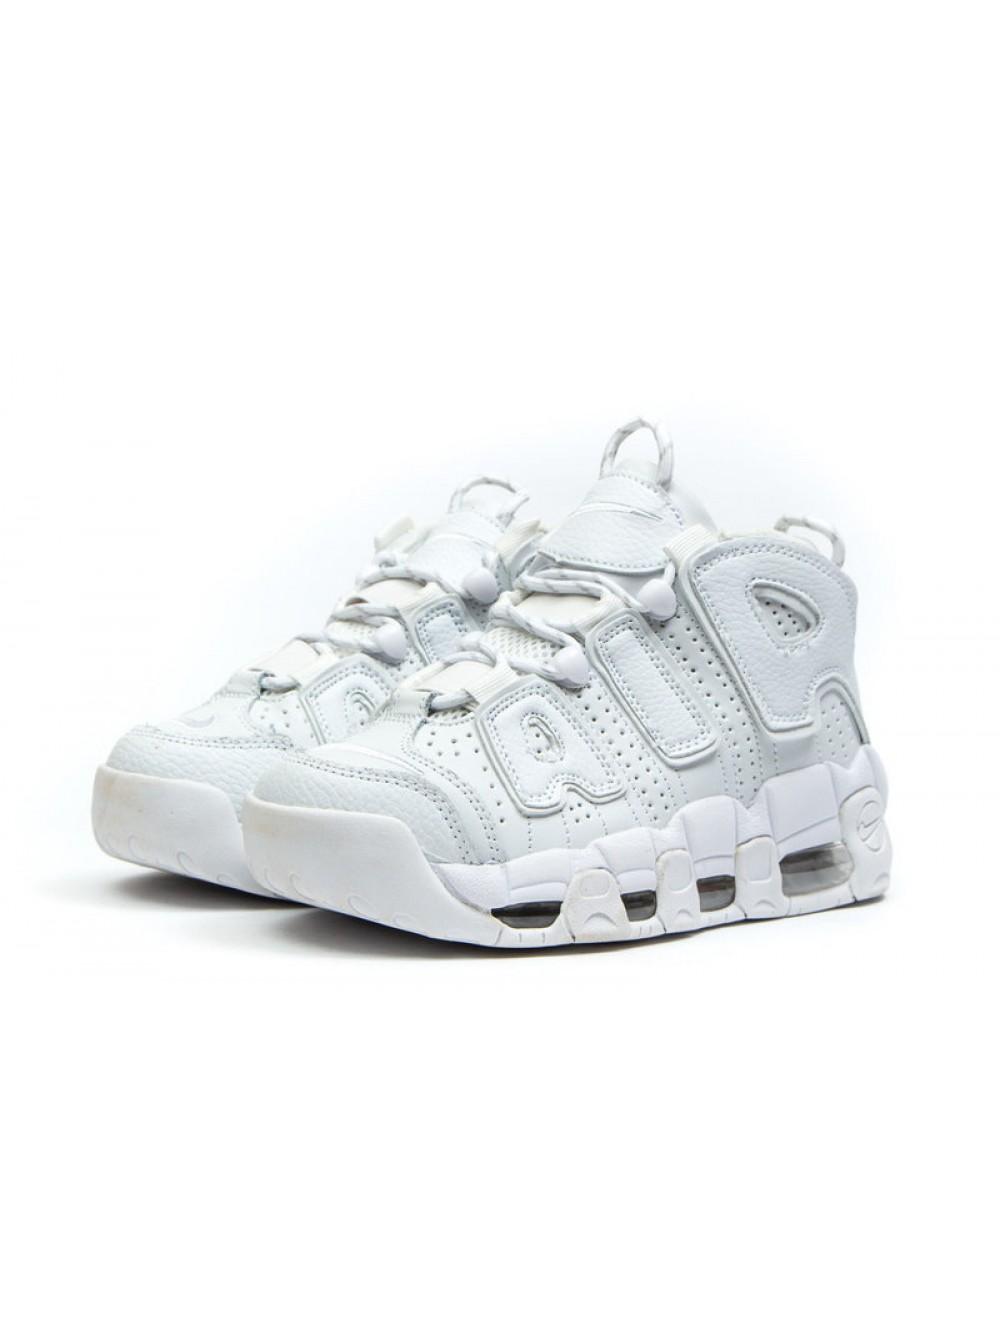 8080170d Кроссовки Nike Uptempo, Белые, 36-42р., купить в Киеве и Украине